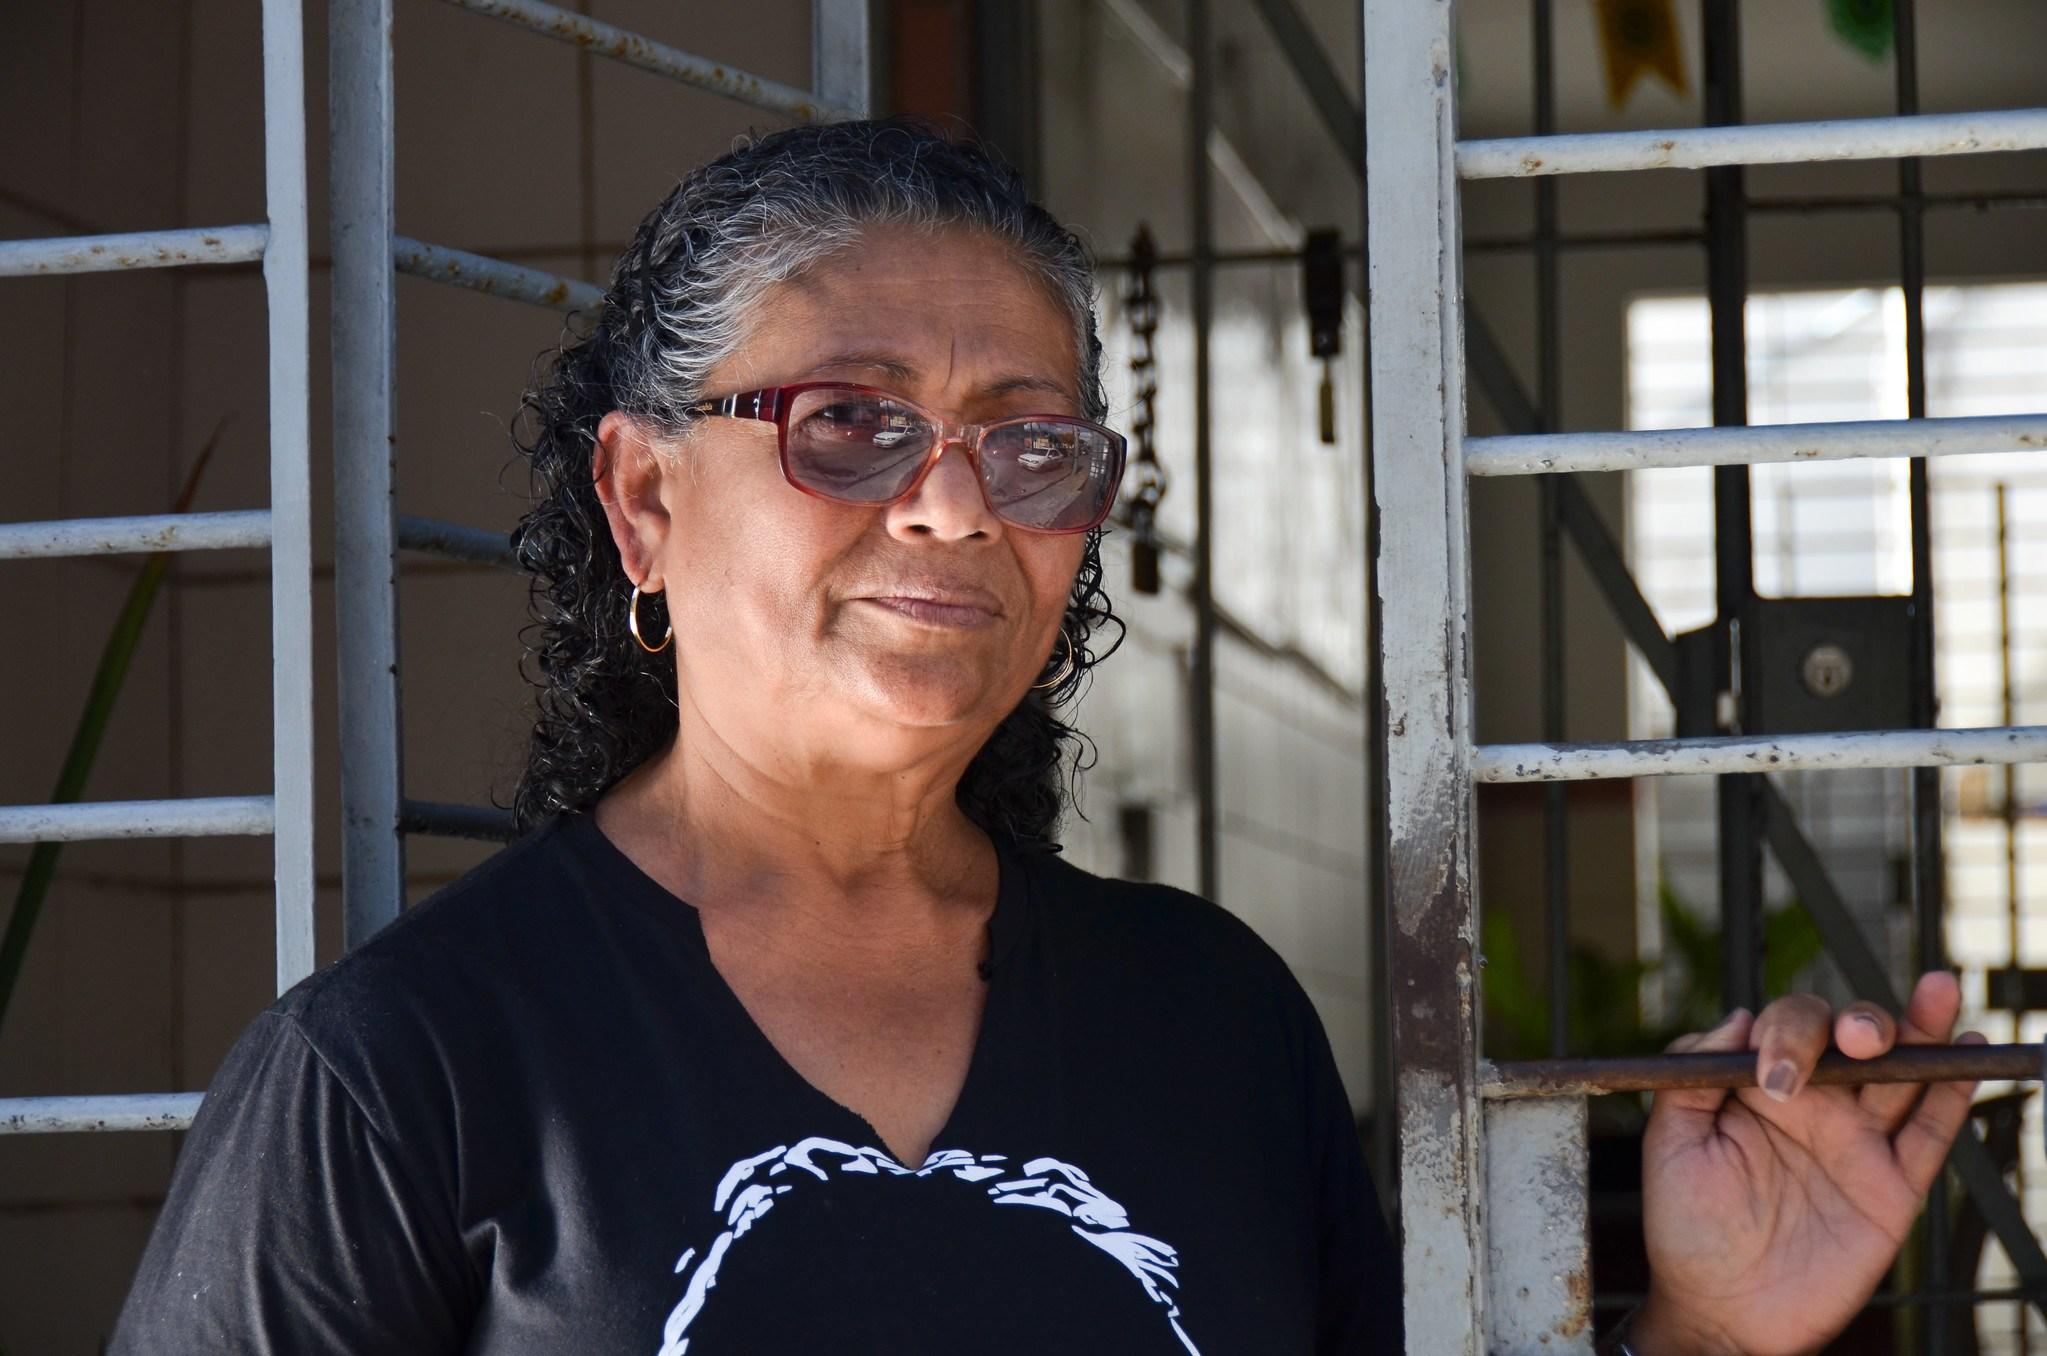 Trabalhadoras domésticas fazem campanha por direitos durante a pandemia Covid 19 e articulam apoio da cooperação internacional/onu mulheres noticias geracao igualdade direitos humanos direitosdasmulheres covid19